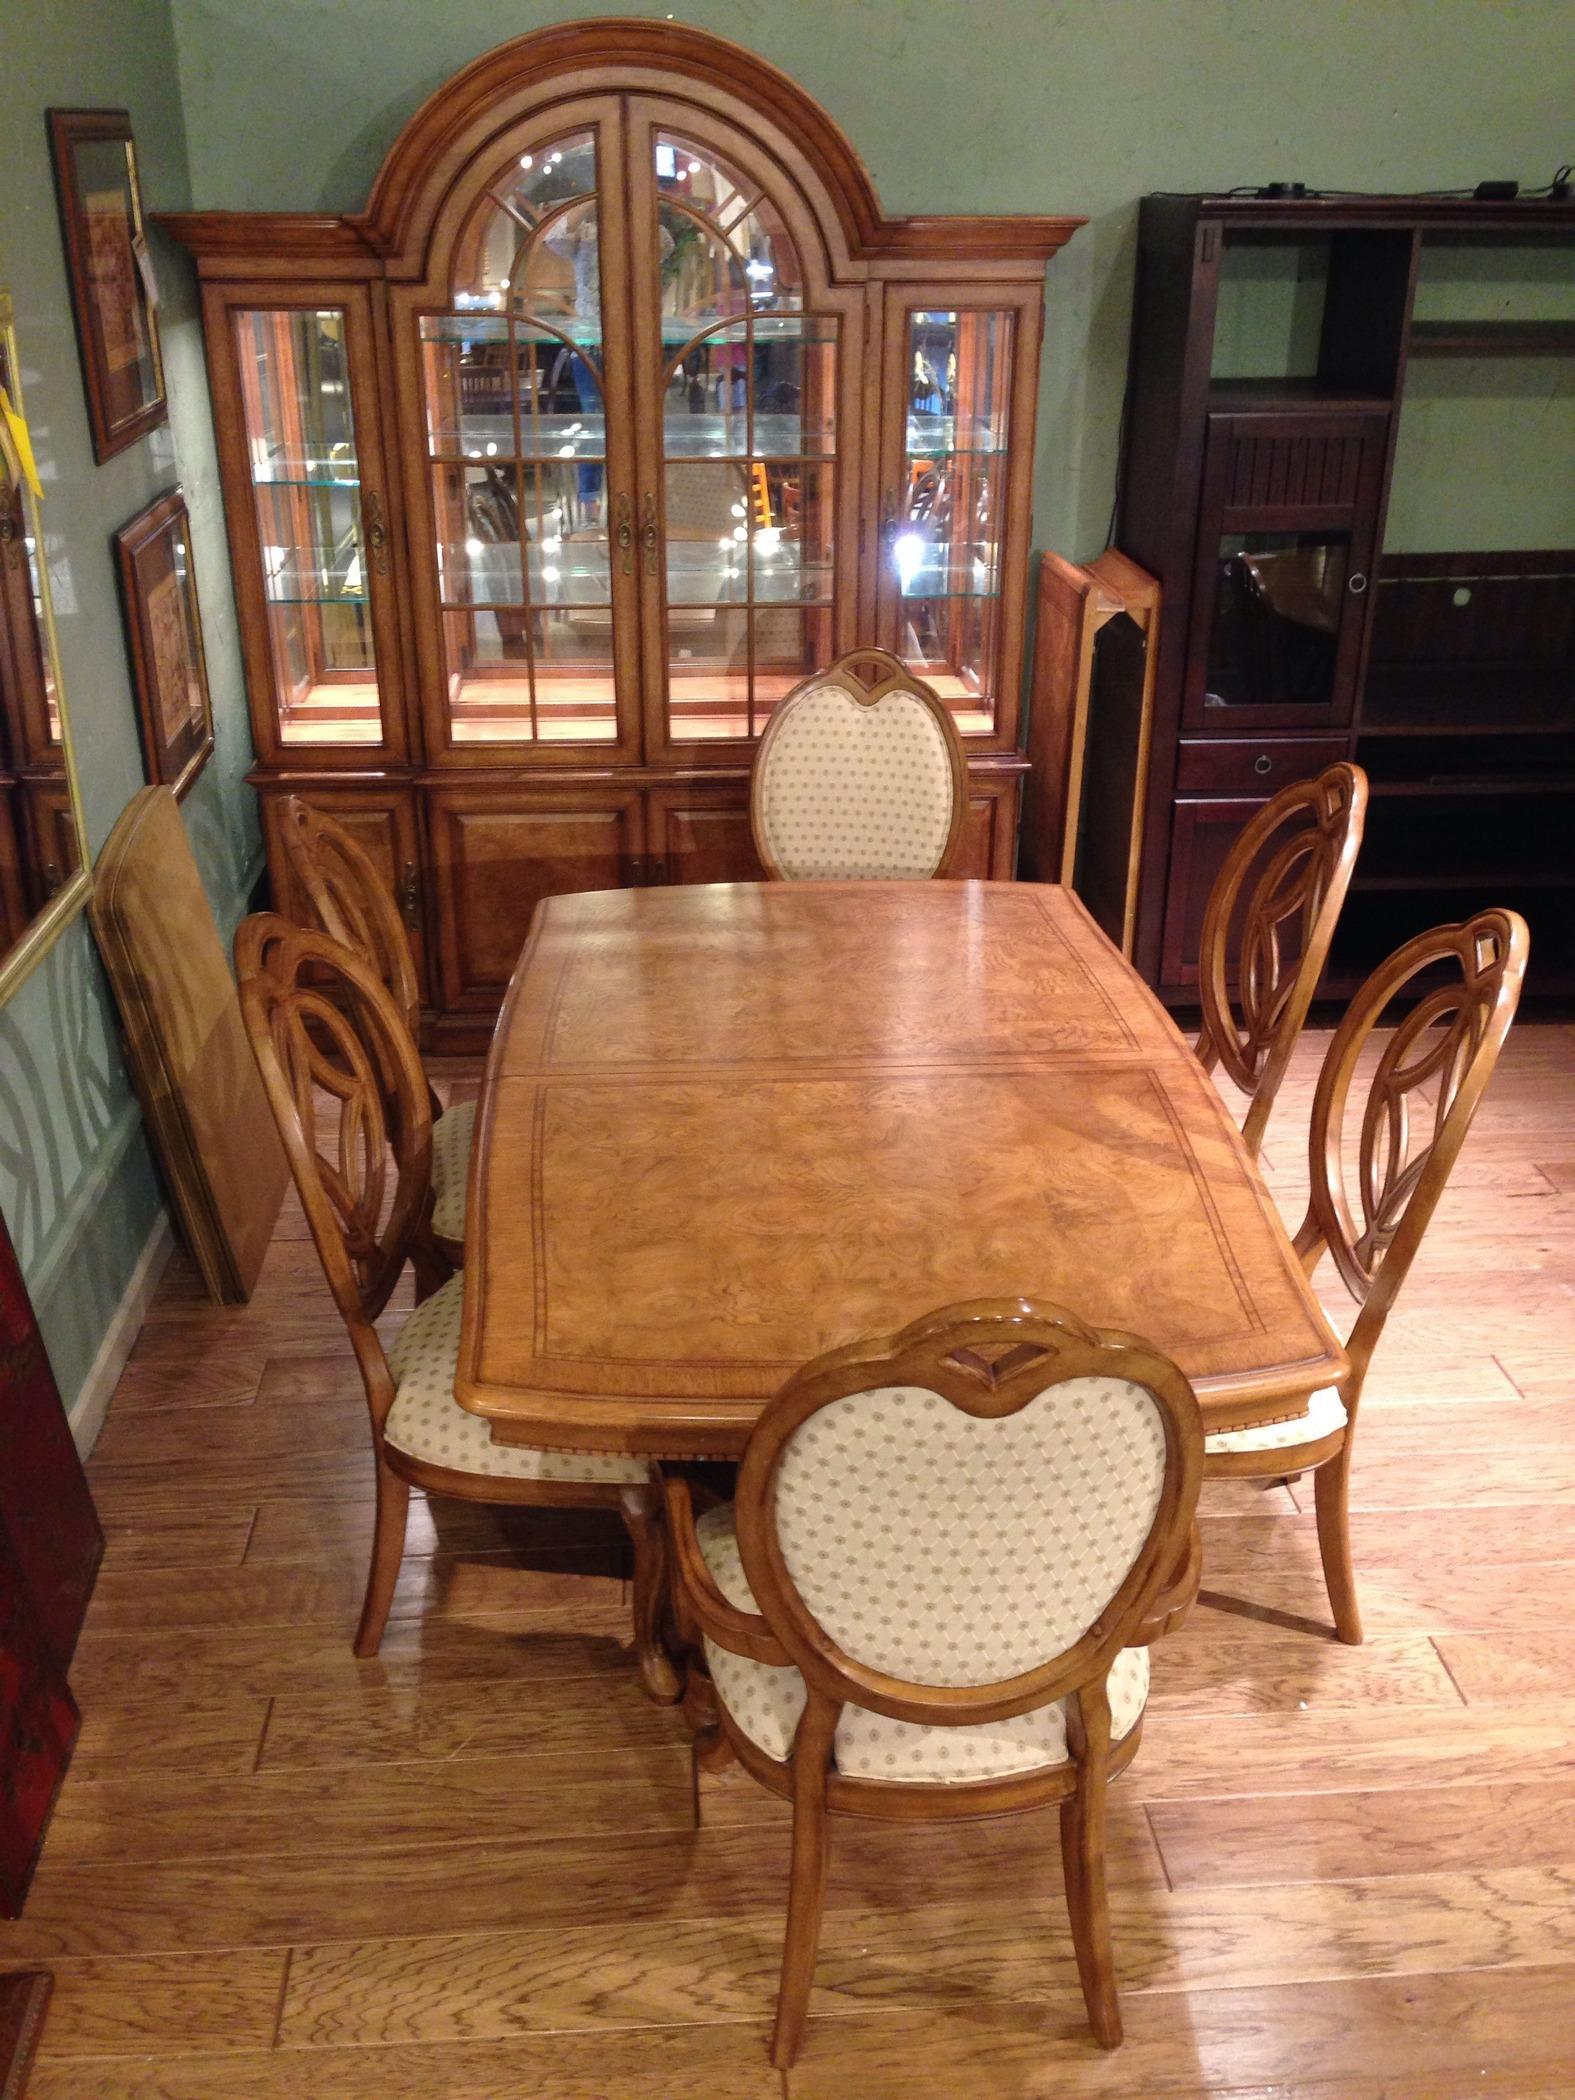 villa soleil dining room allegheny furniture consignment medium image